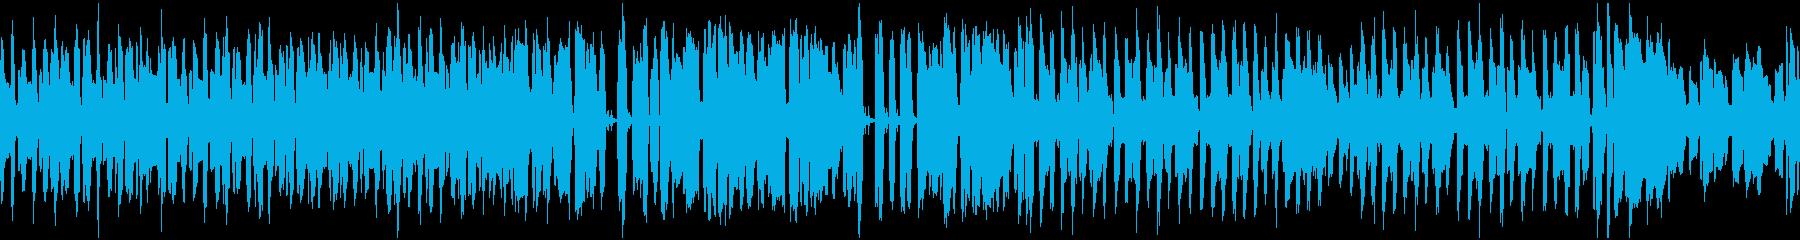 素朴でのんびりした曲_ループの再生済みの波形